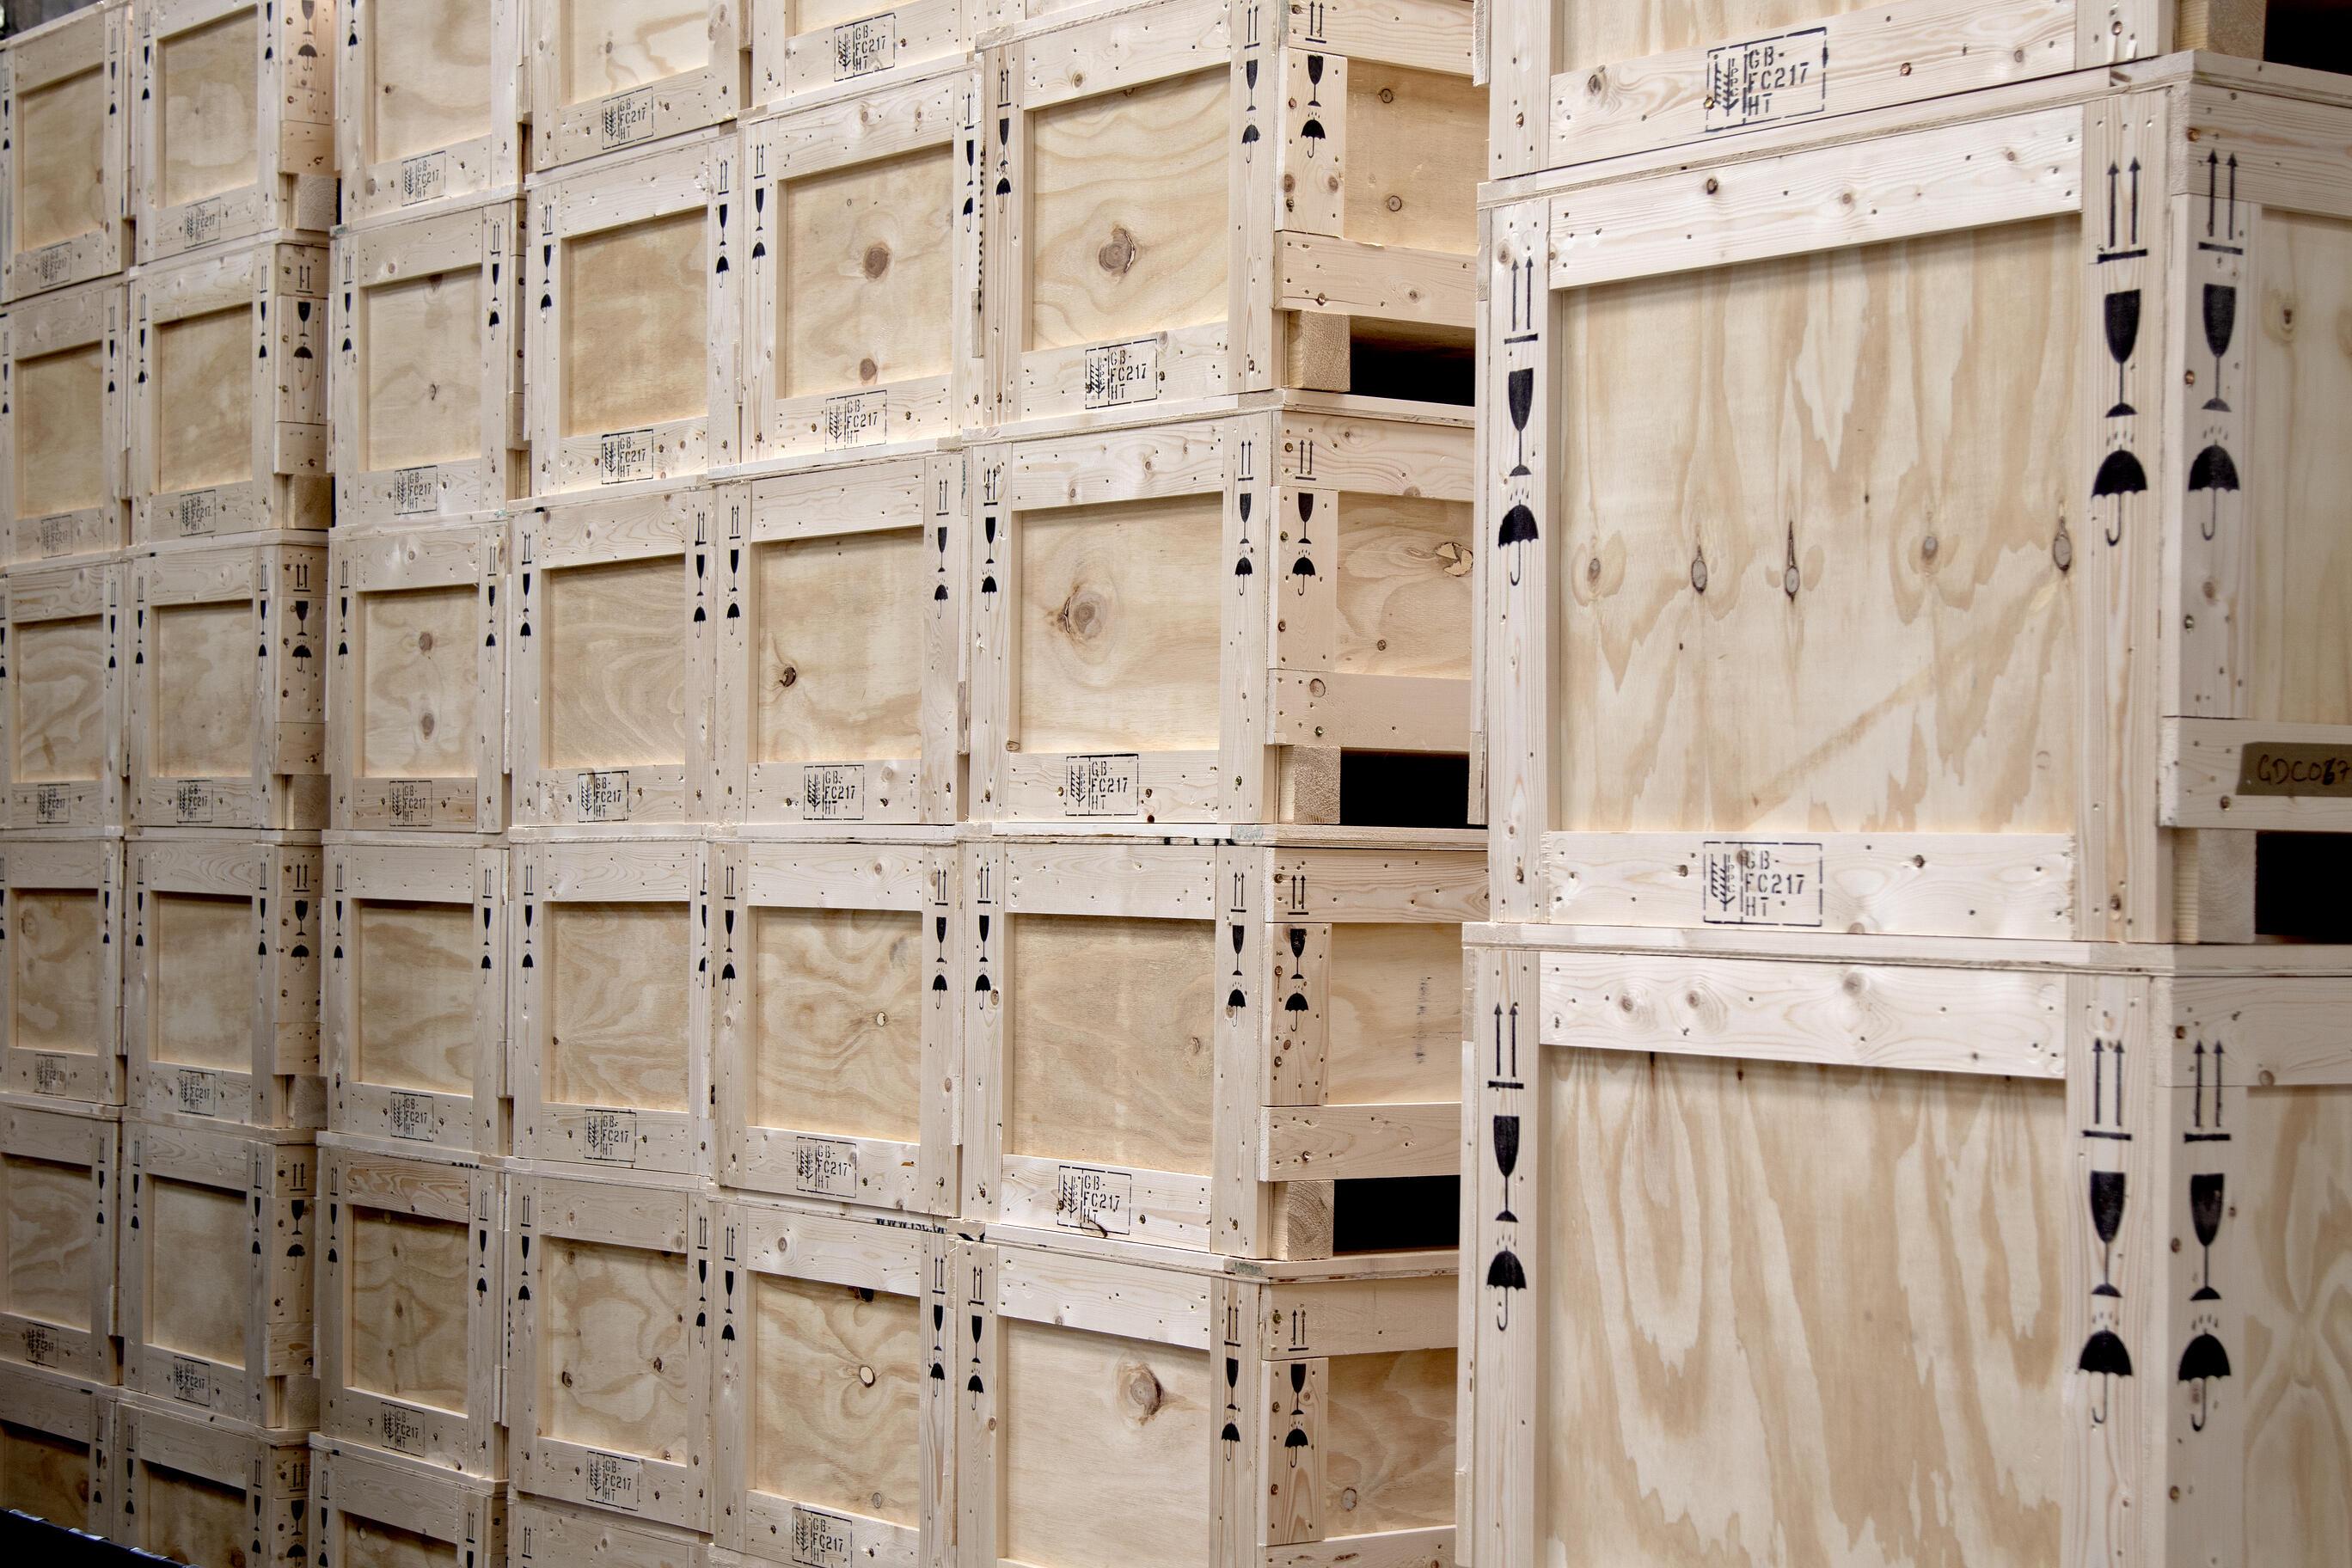 IES crate range